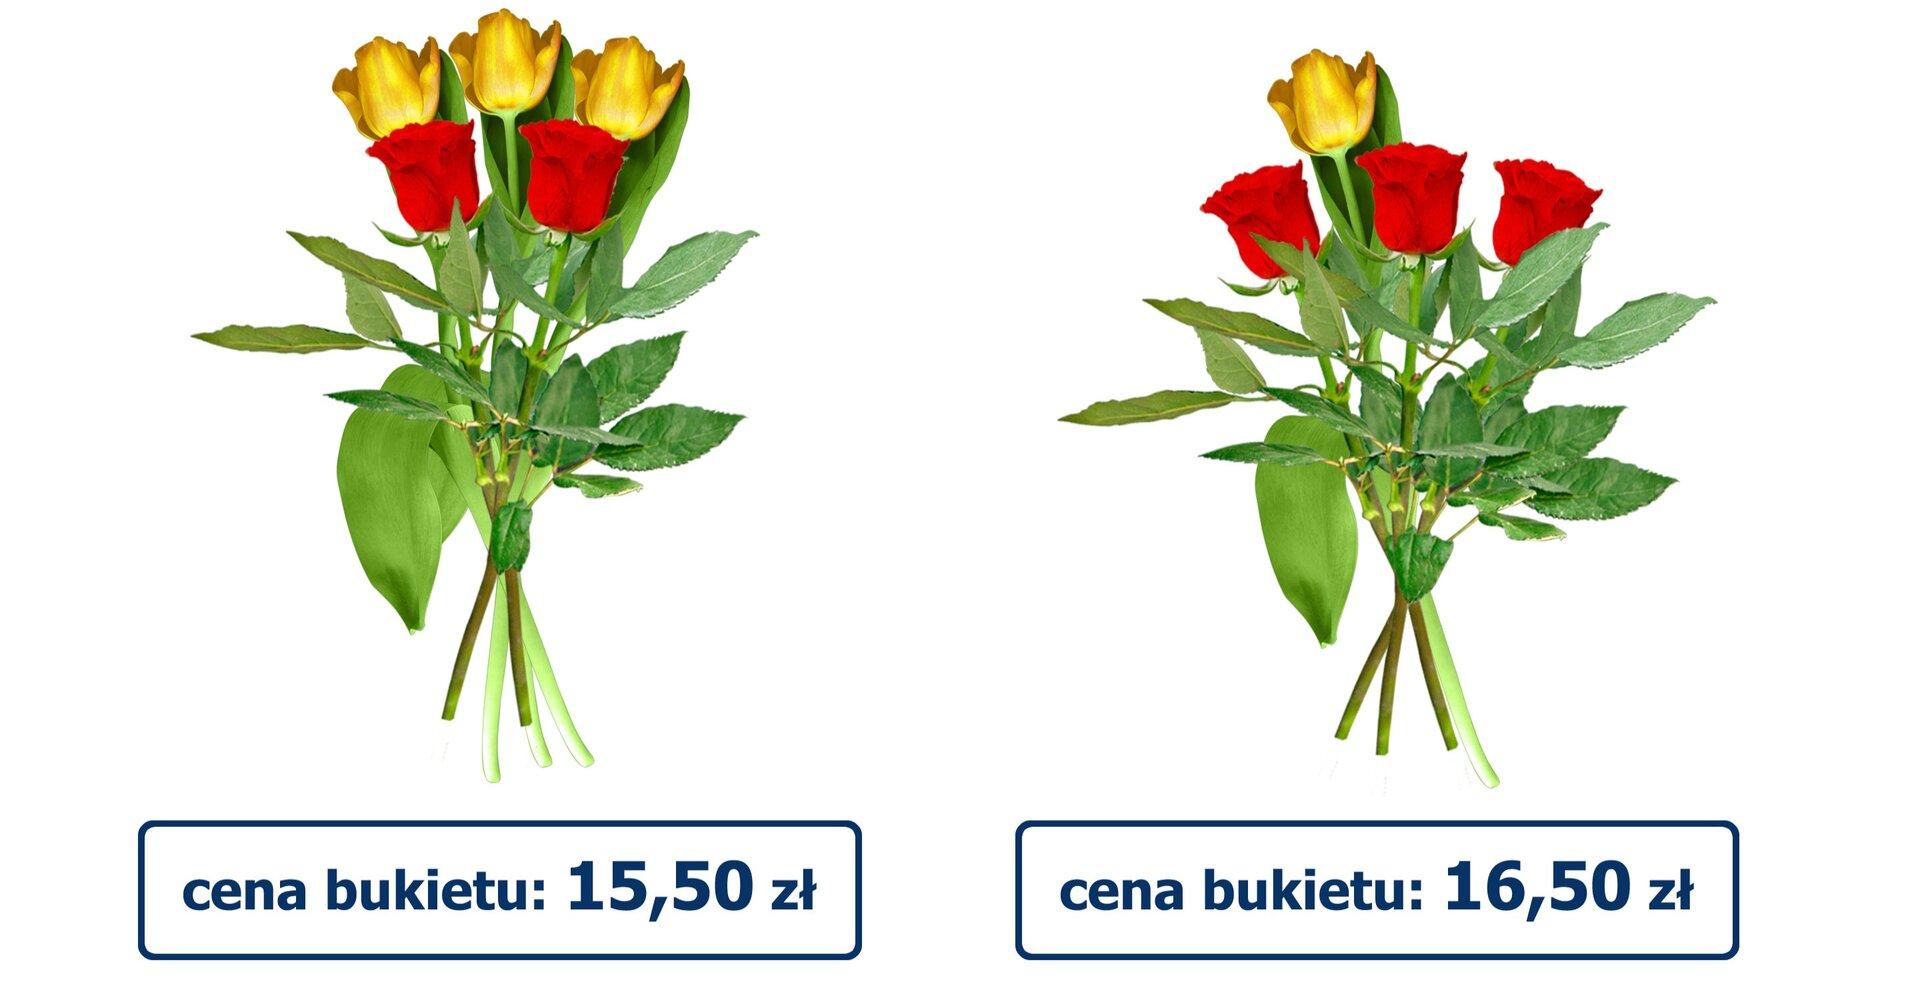 Rysunek dwóch bukietów kwiatów. Pierwszy bukiet, wcenie 15,50 zł, składa się ztrzech tulipanów idwóch róż. Drugi bukiet, wcenie 16,50 zł, składa się zjednego tulipana itrzech róż.